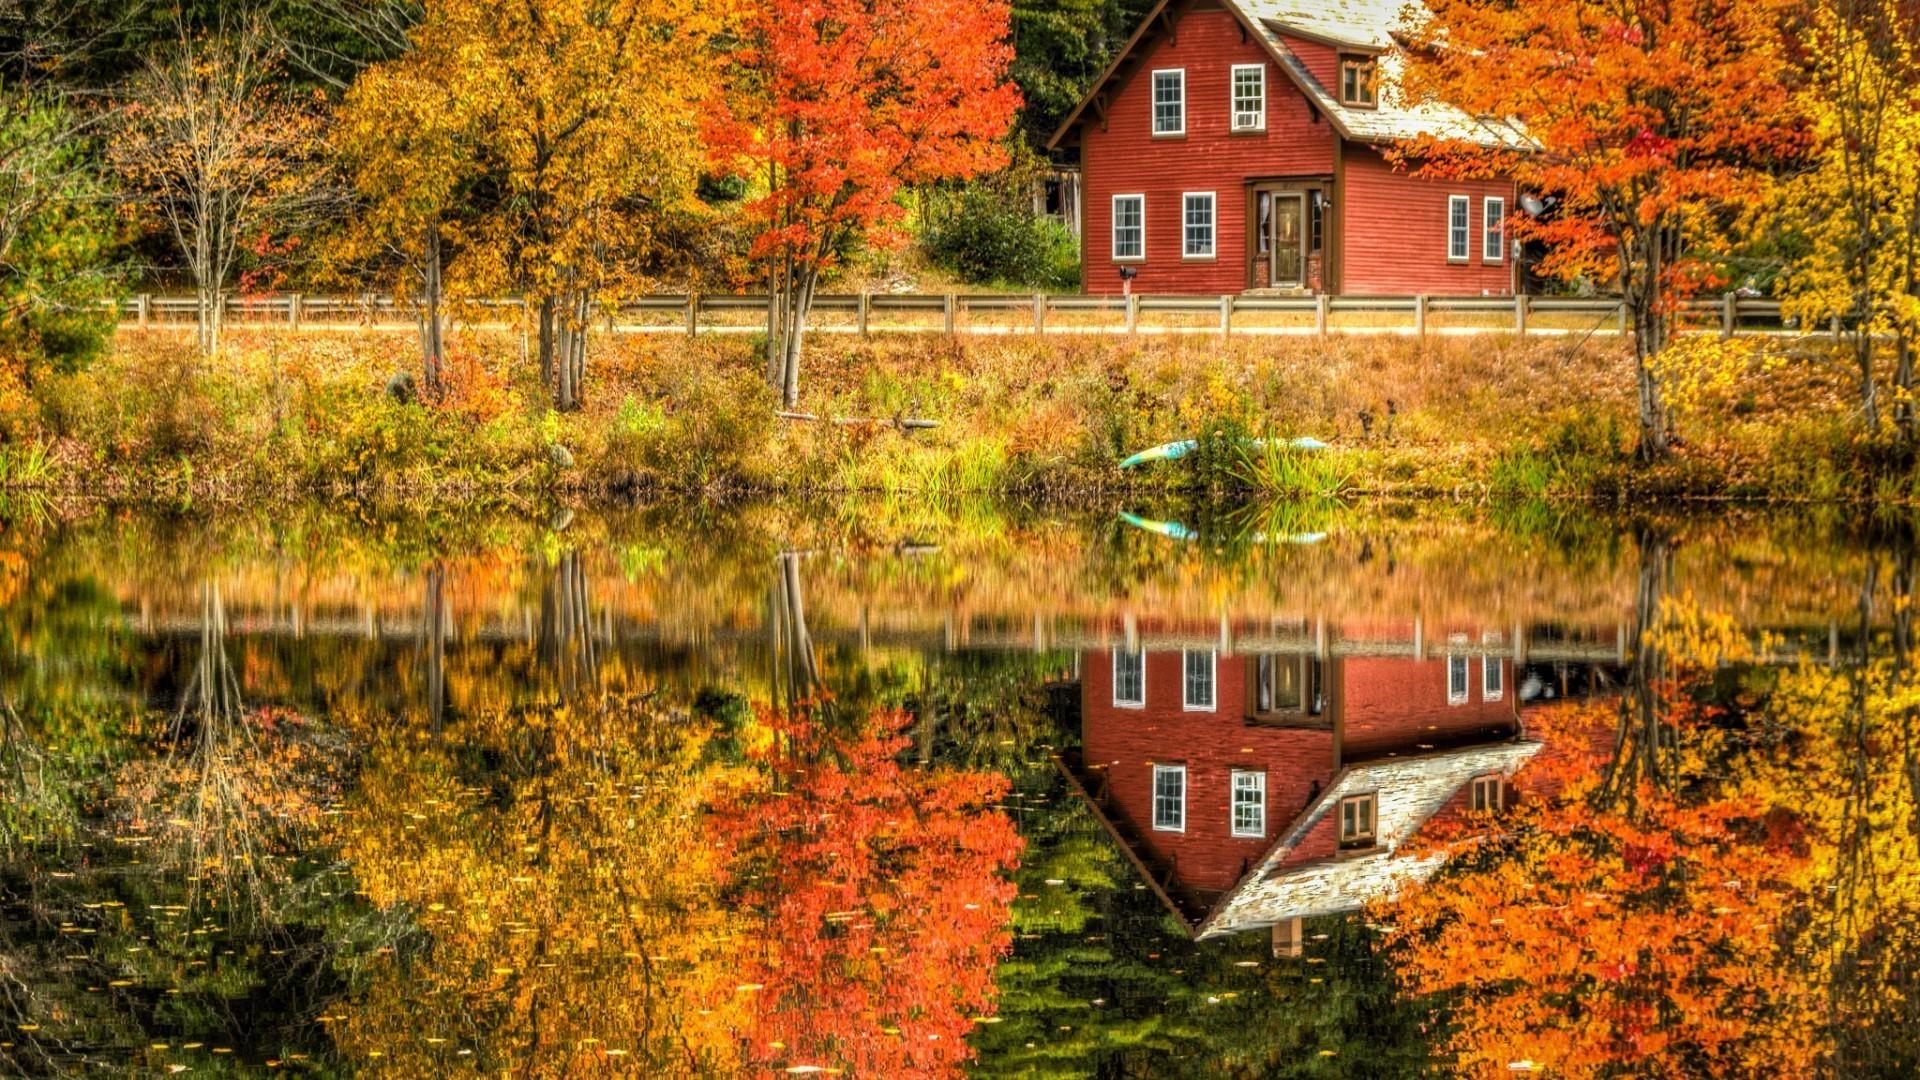 картинки осень на загородном доме влага, которая